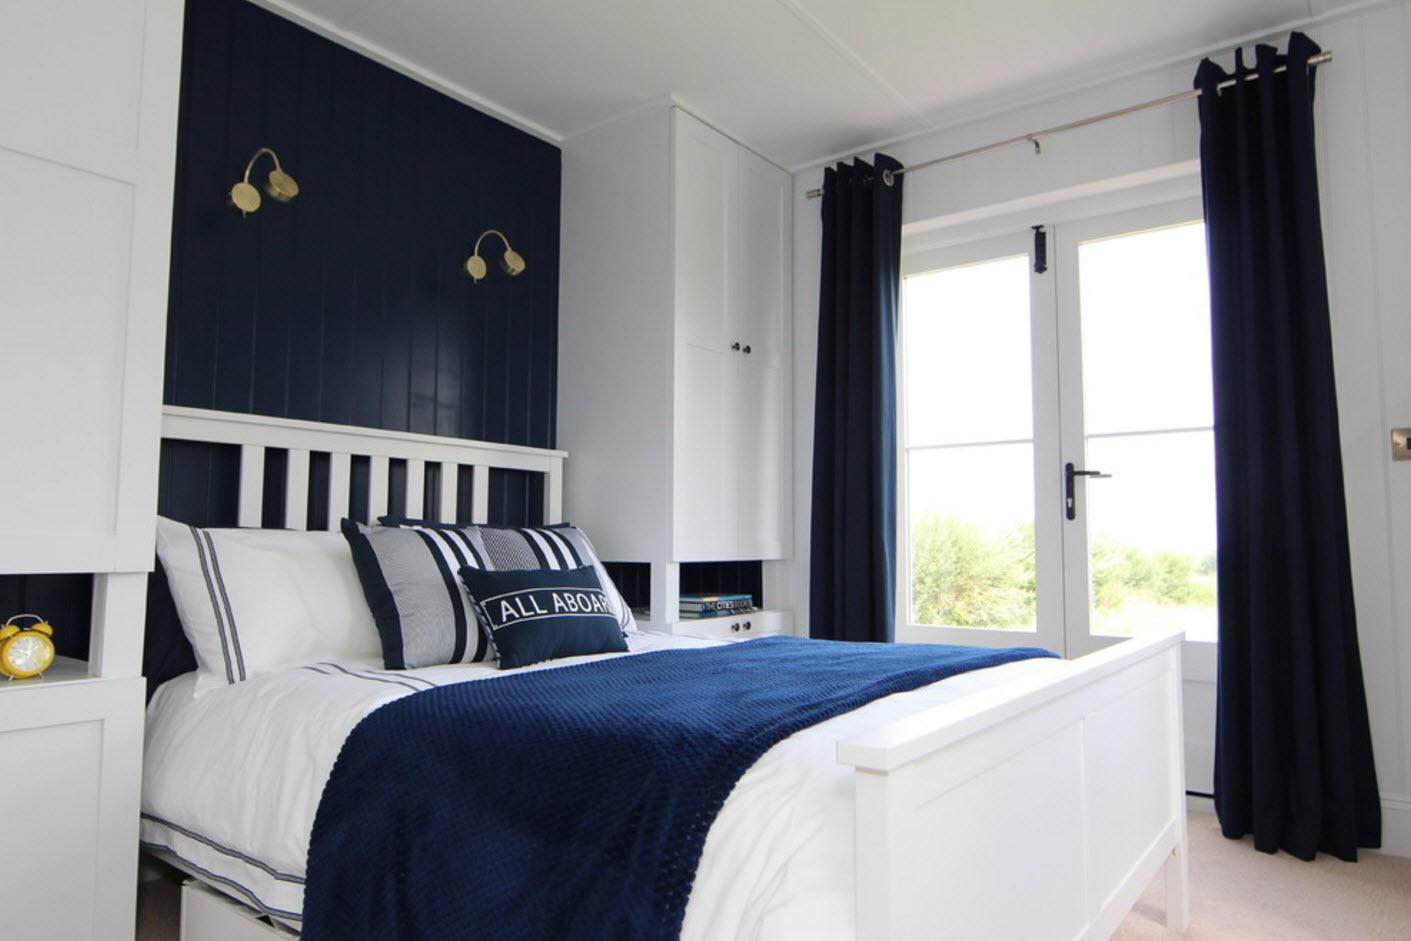 Sypialnia W Morskim Stylu Jak Ją Urządzić Oliloli Newlife